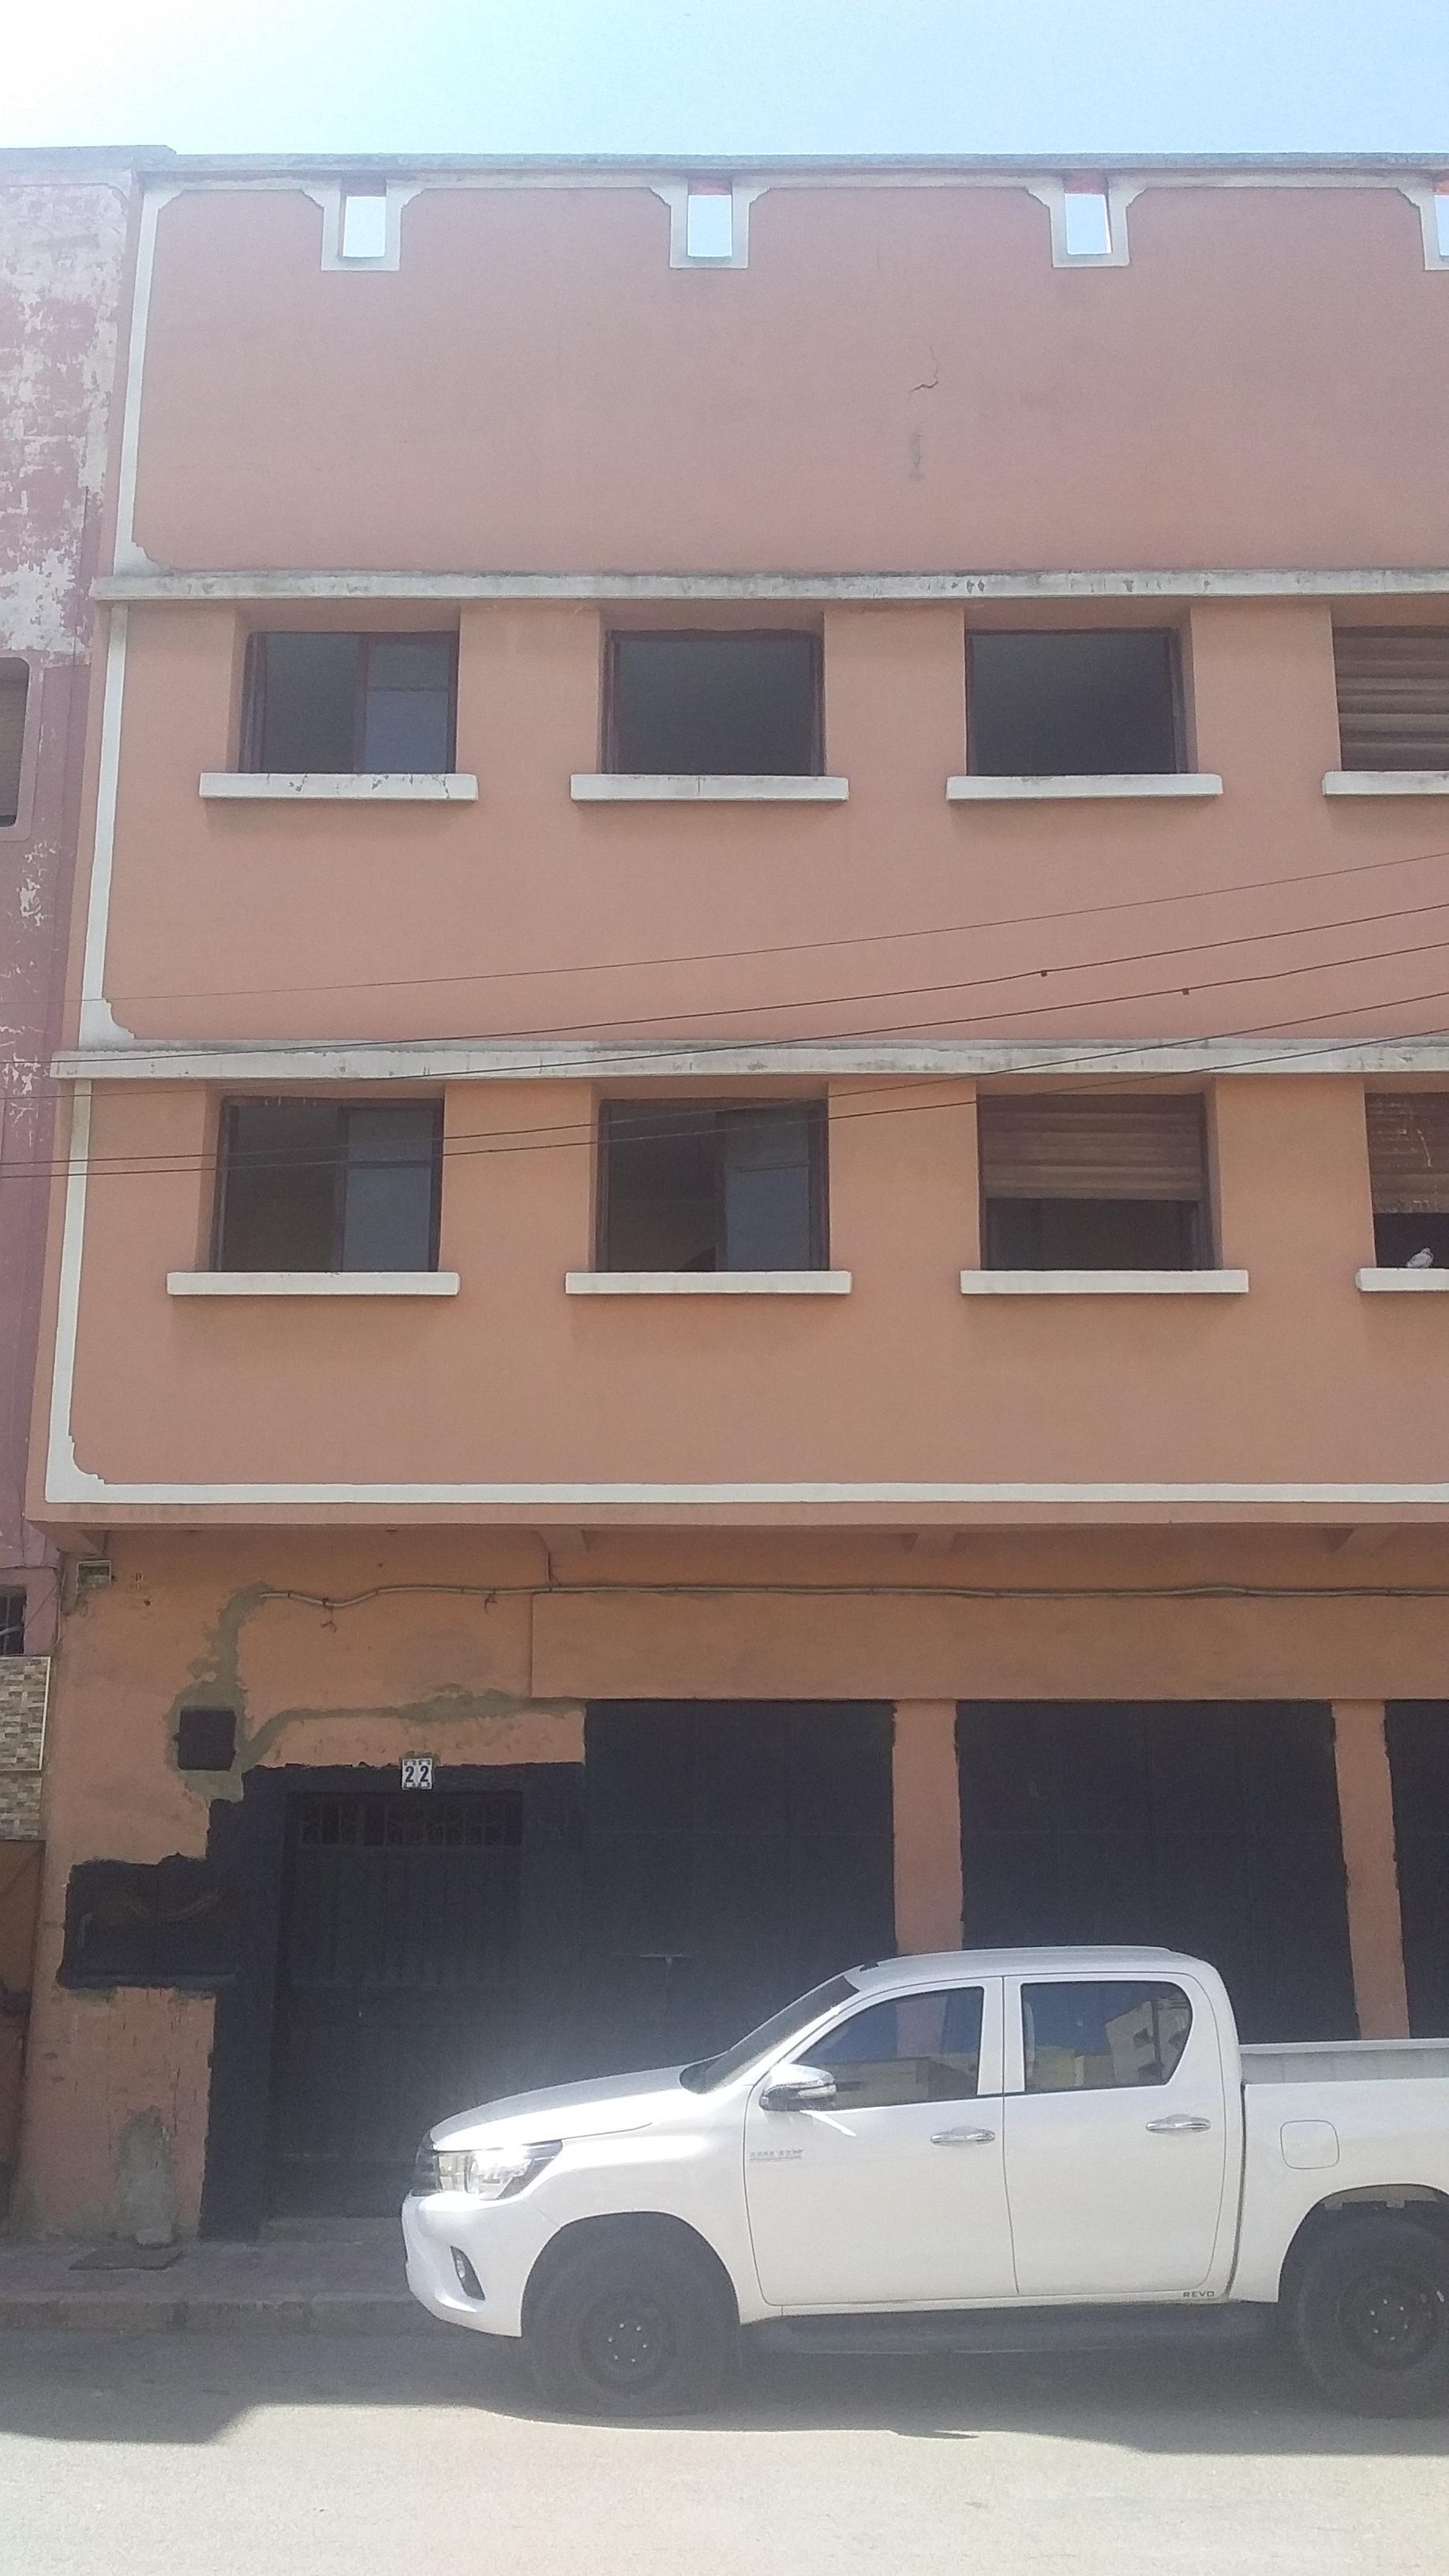 Maison a vendre a hay moulay abdelah